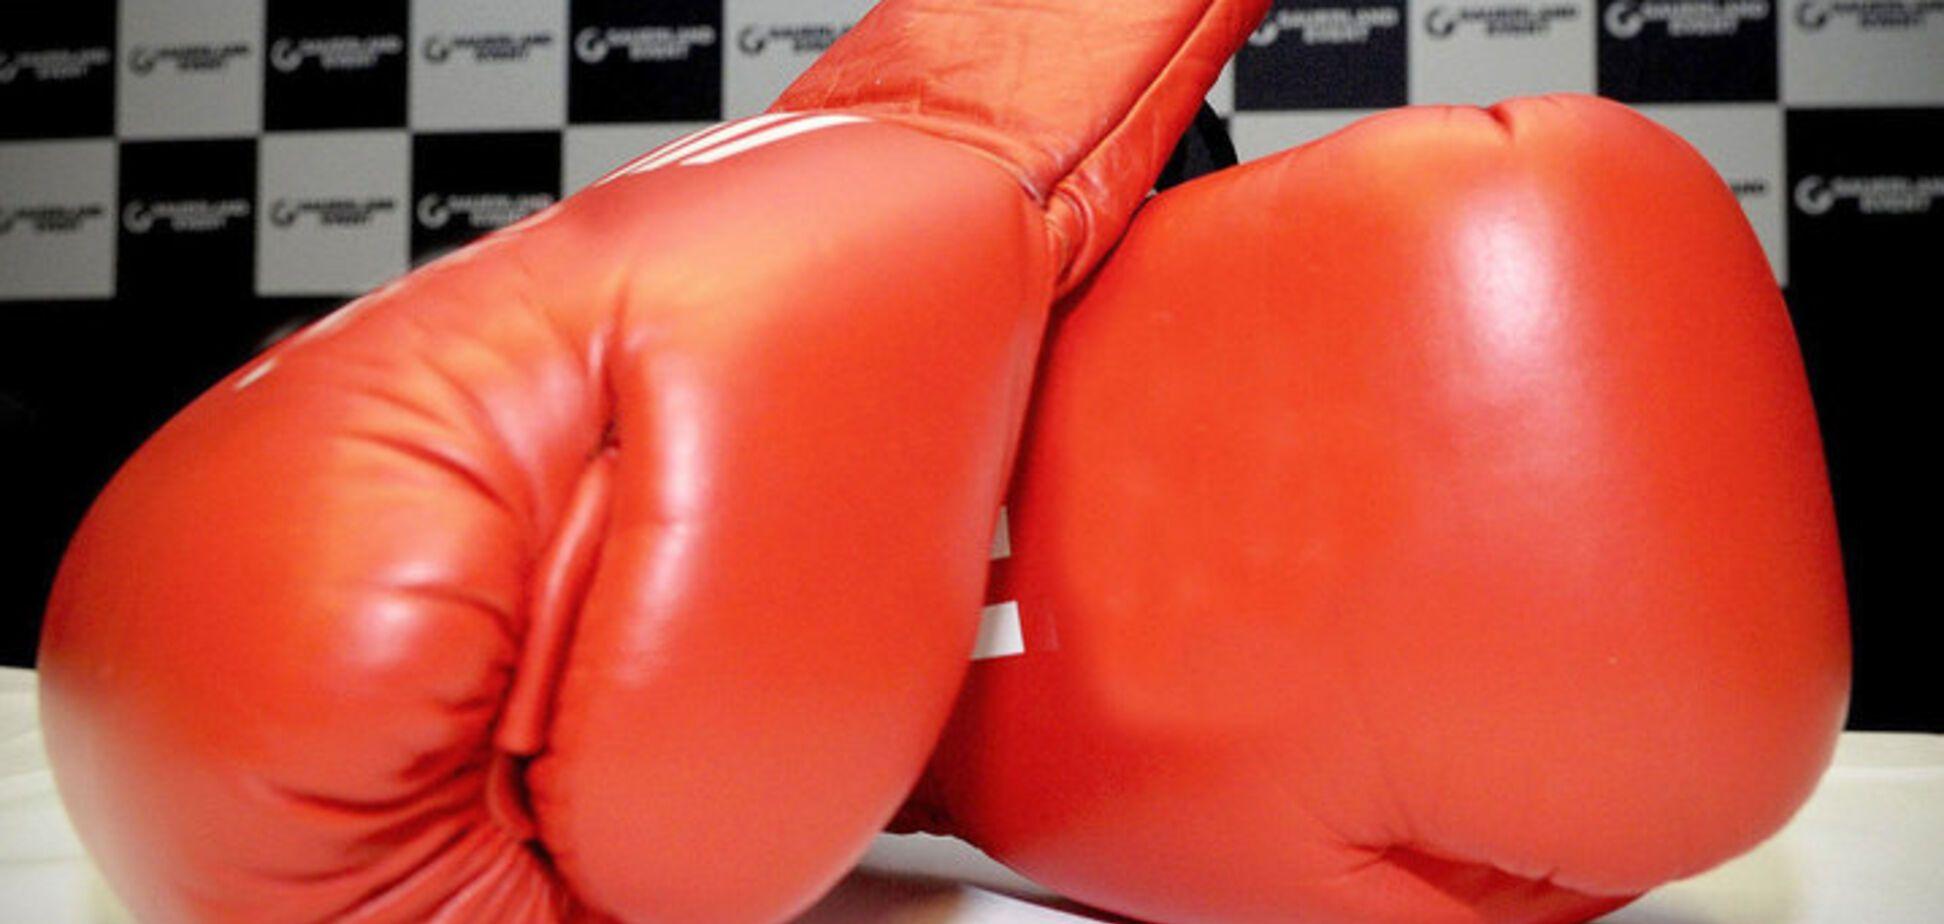 Воевал по всему миру: российские боксеры устроили пьяный дебош на ЧМ